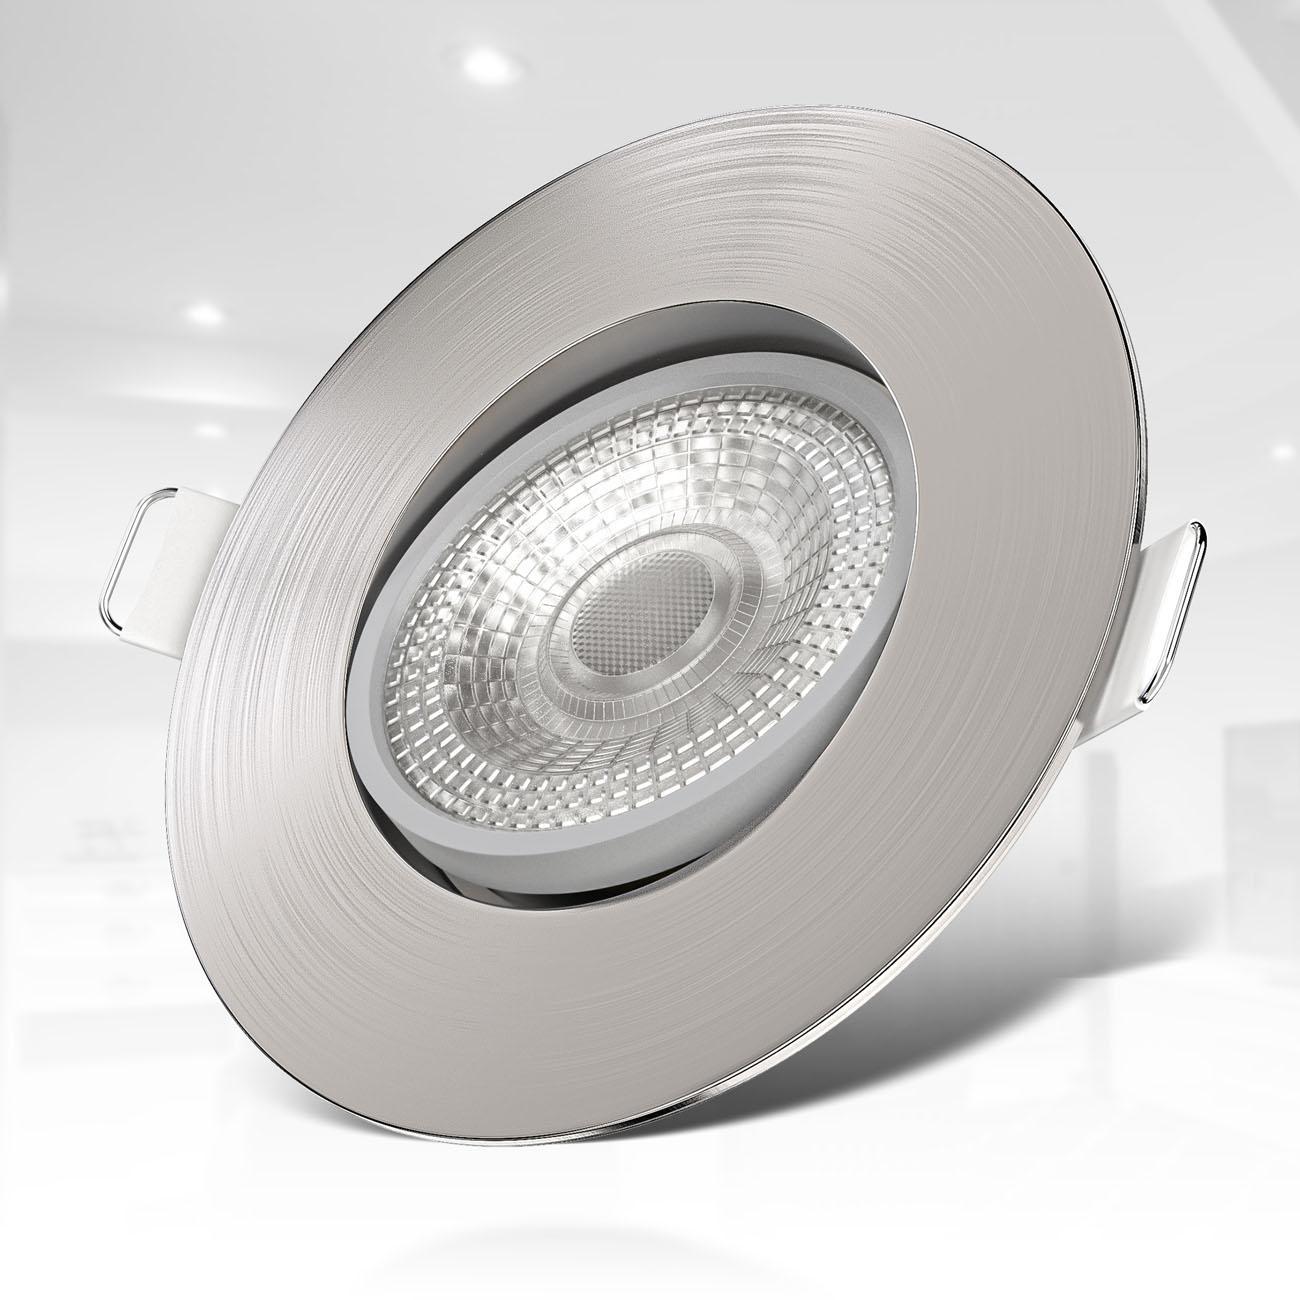 LED Einbaustrahler | Einbauleuchte 3er SET | ultra flach 5W schwenkbar dimmbar - 4